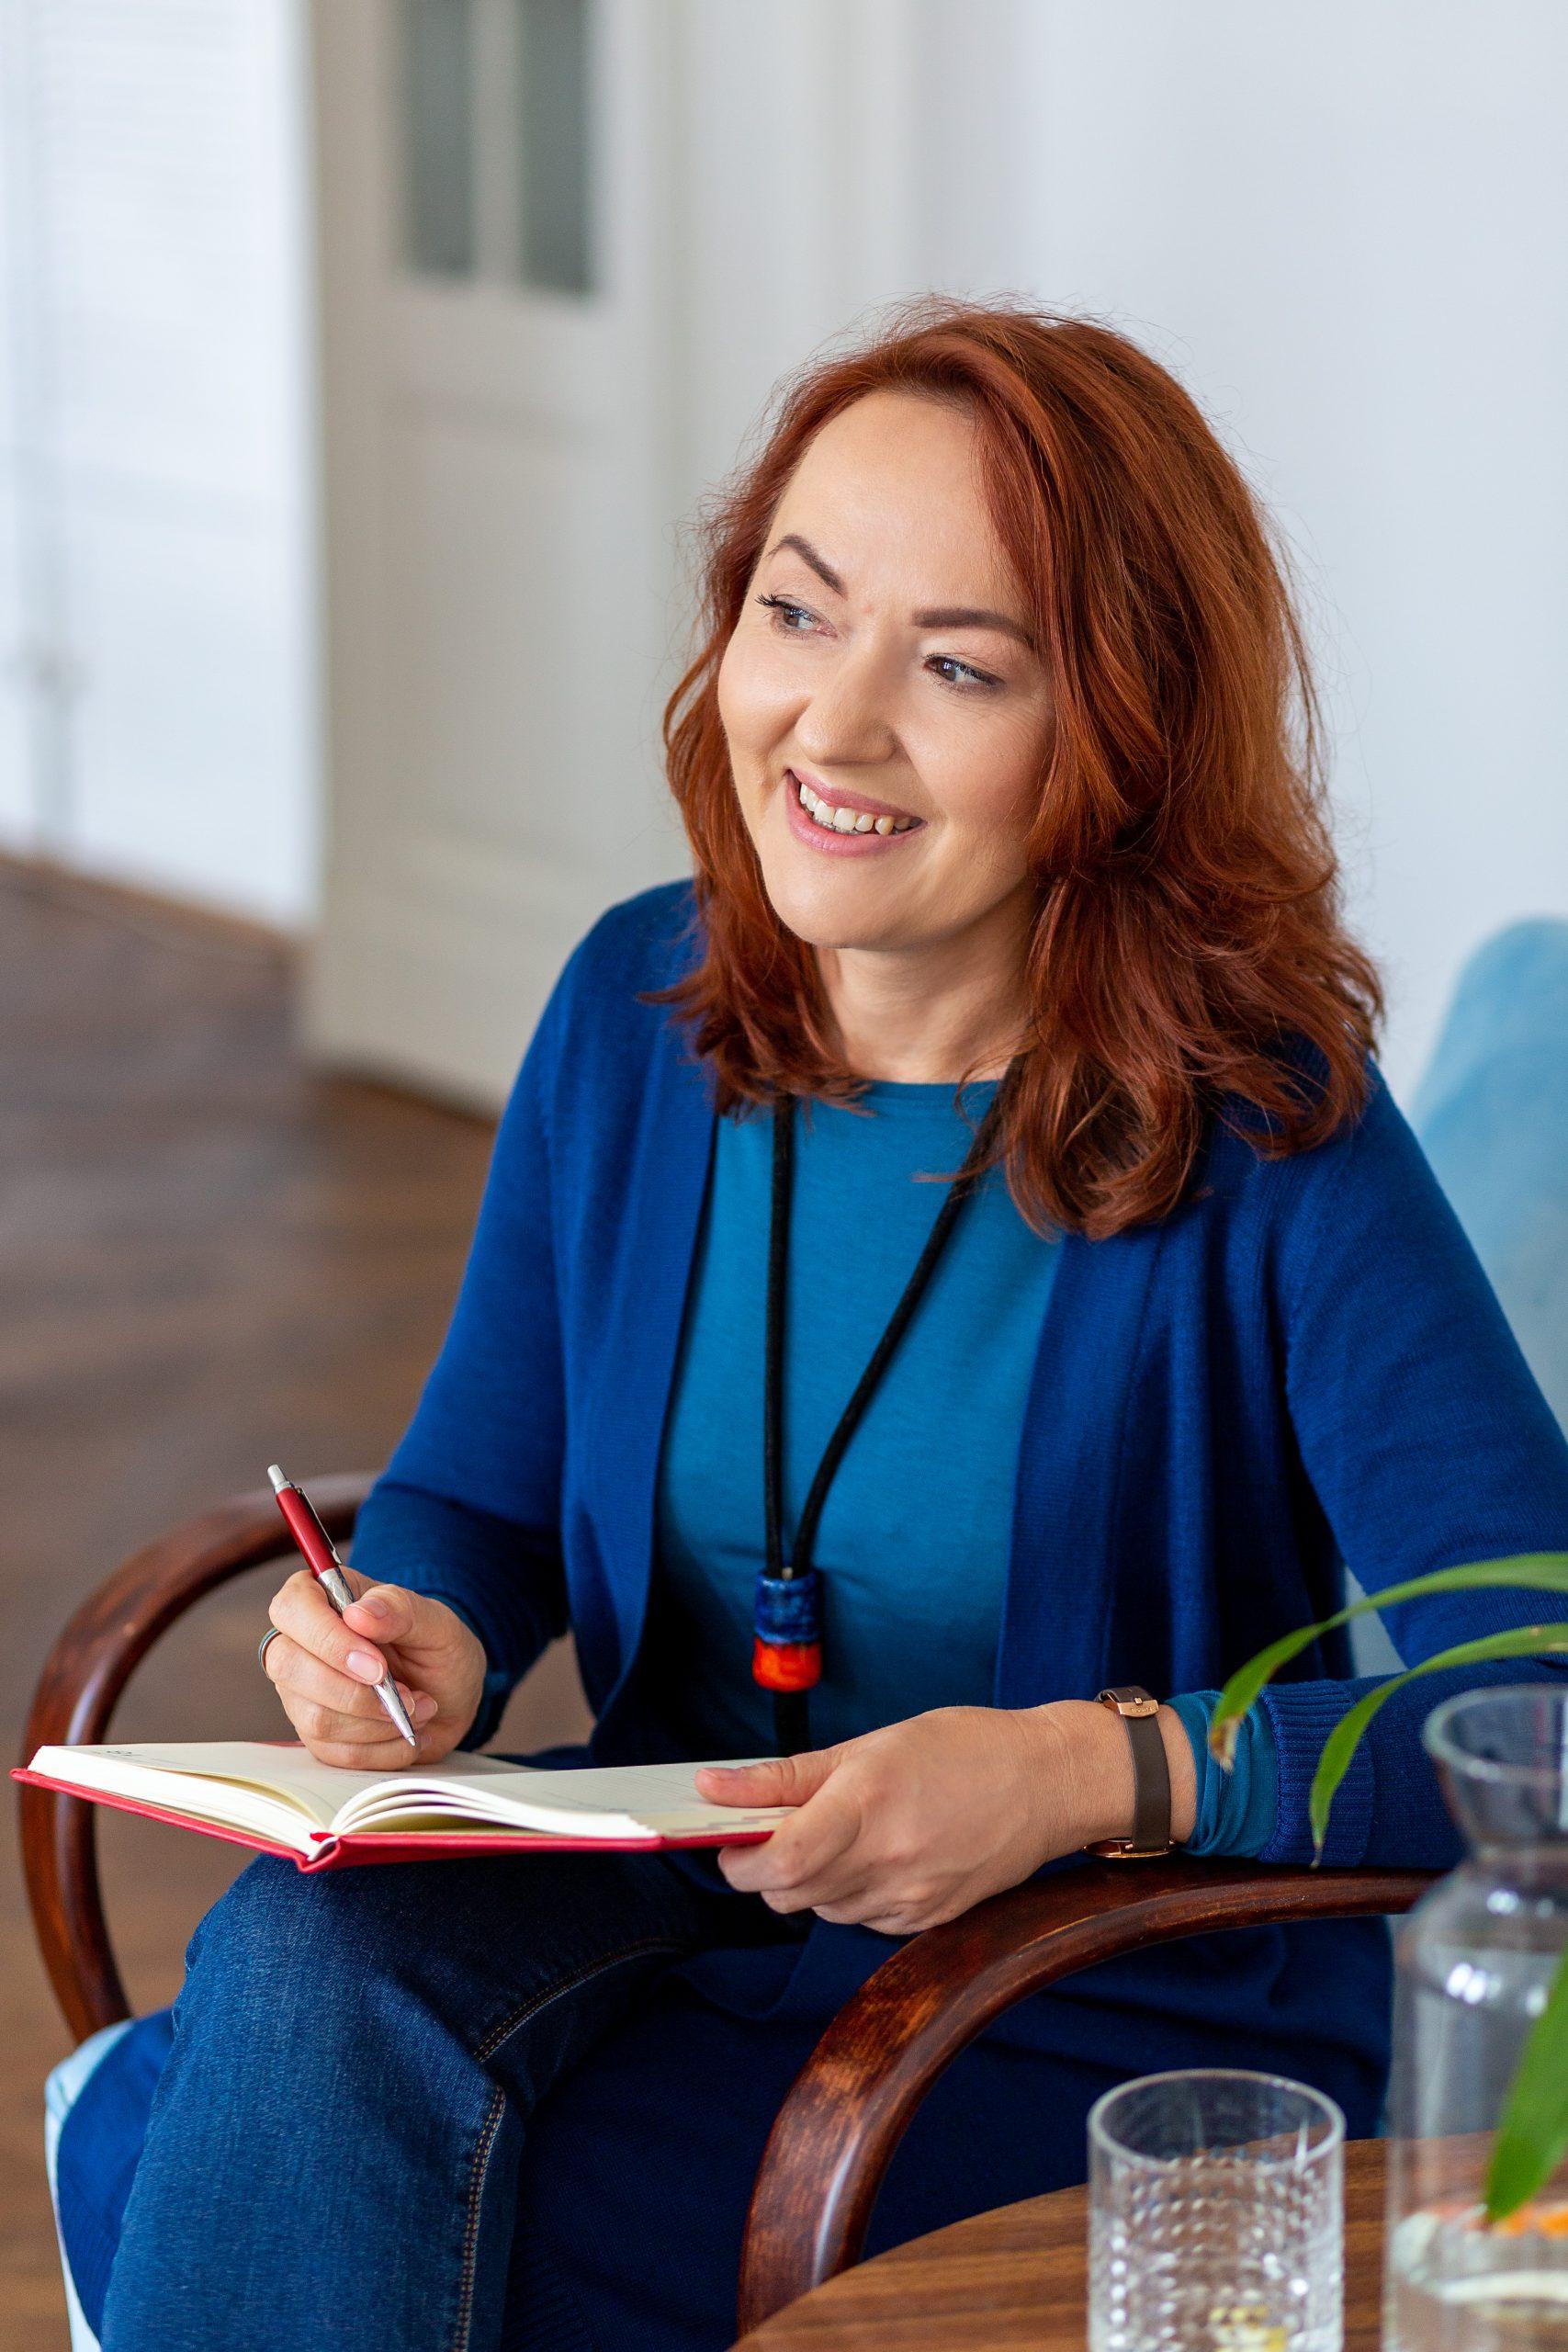 Zdjęcie przedstawia uśmiechniętą Annę Witkiewicz coacha kariery, siedzącą na fotelu